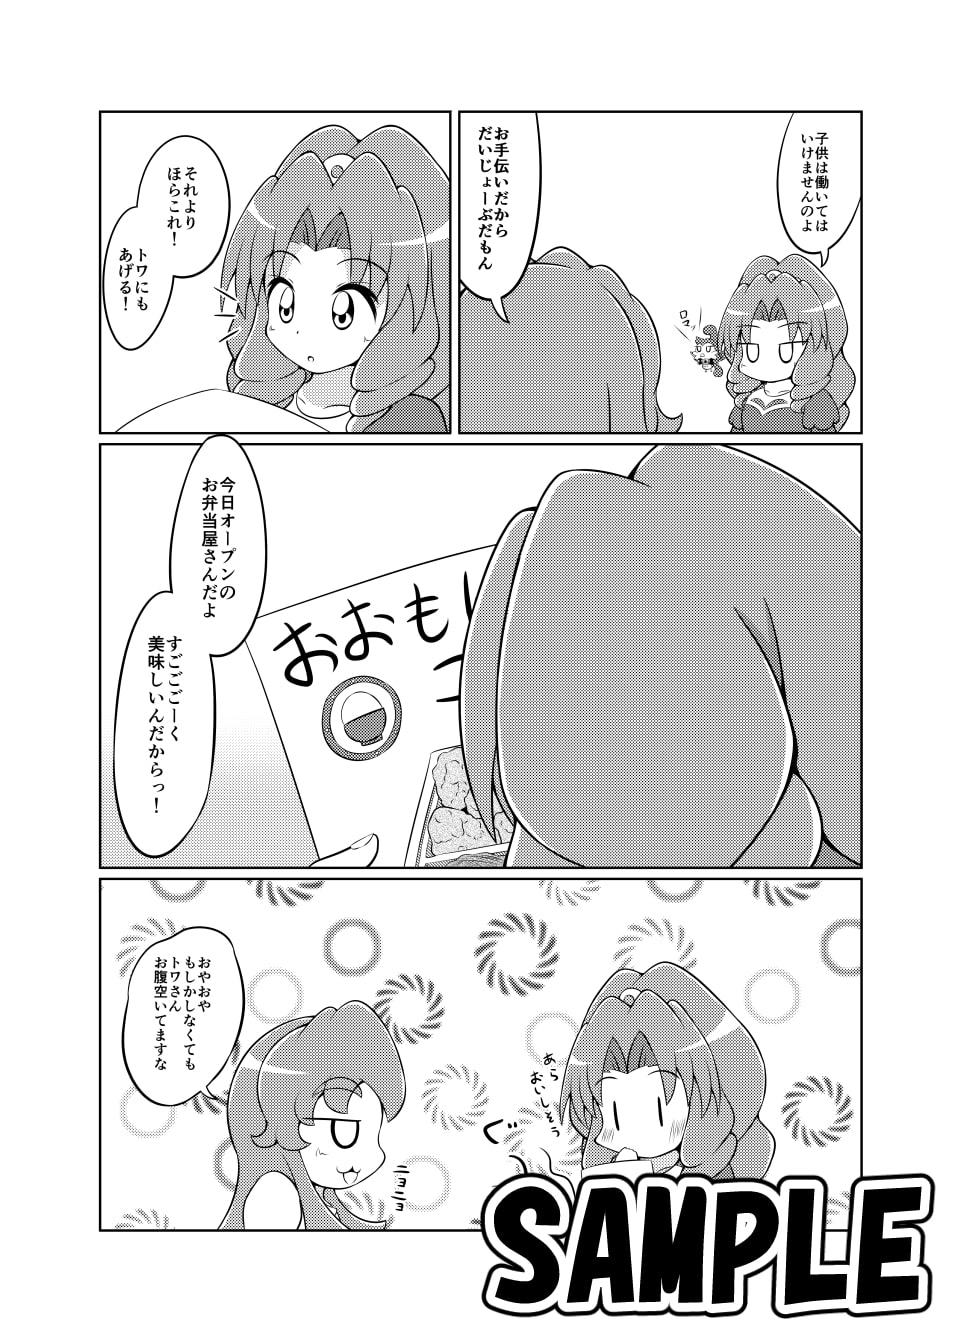 Go! プリンセスキ○アひめちゃんEX